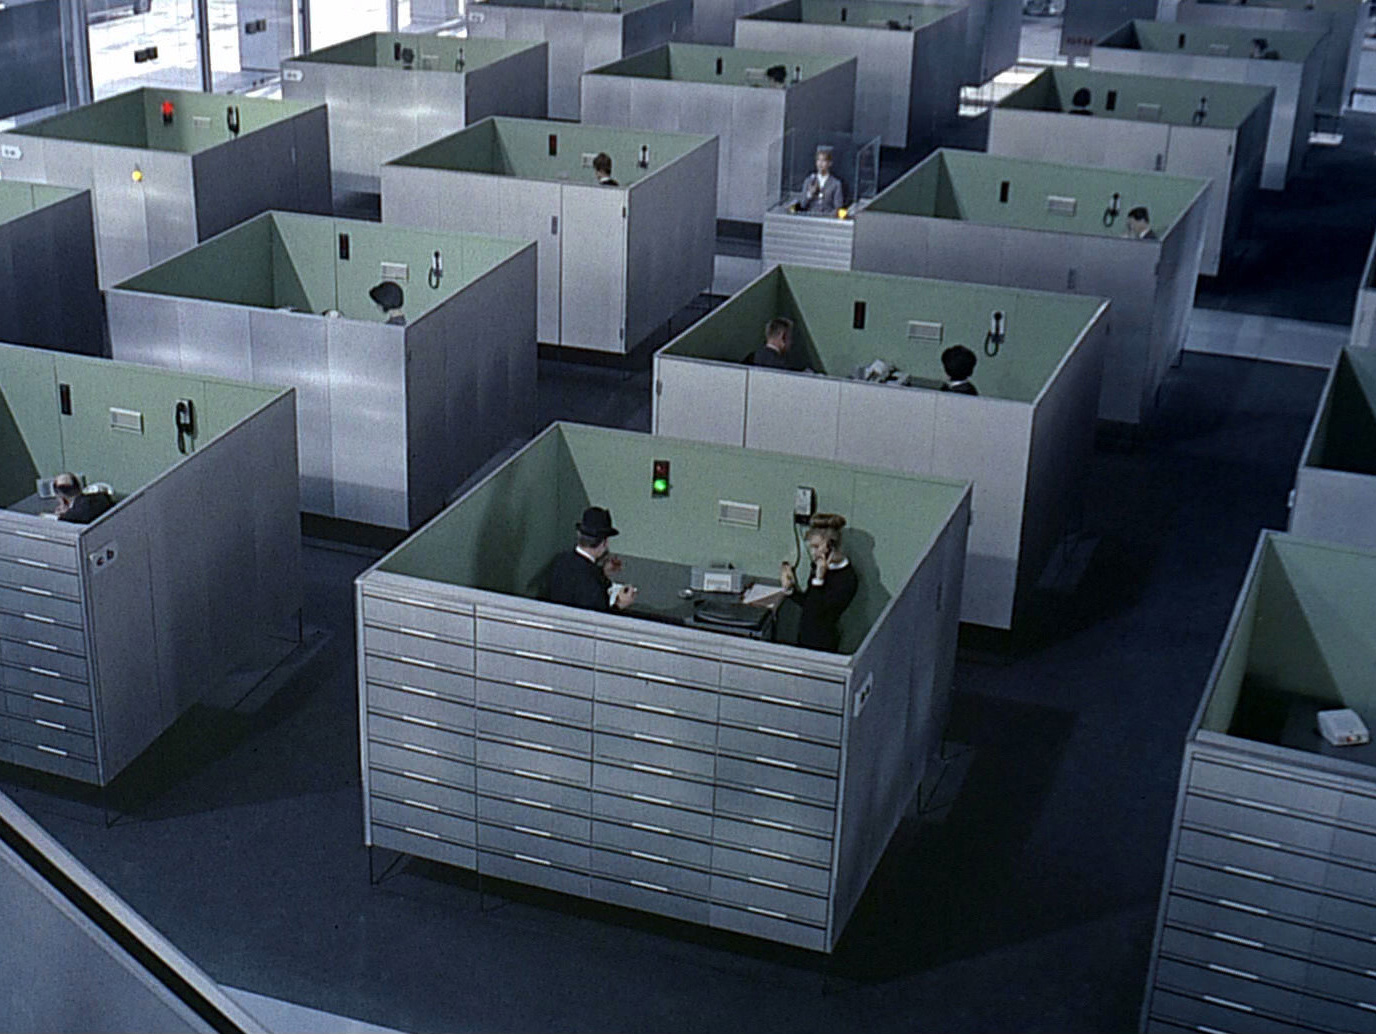 Fotogramma da PlayTime - di Jacques Tati.